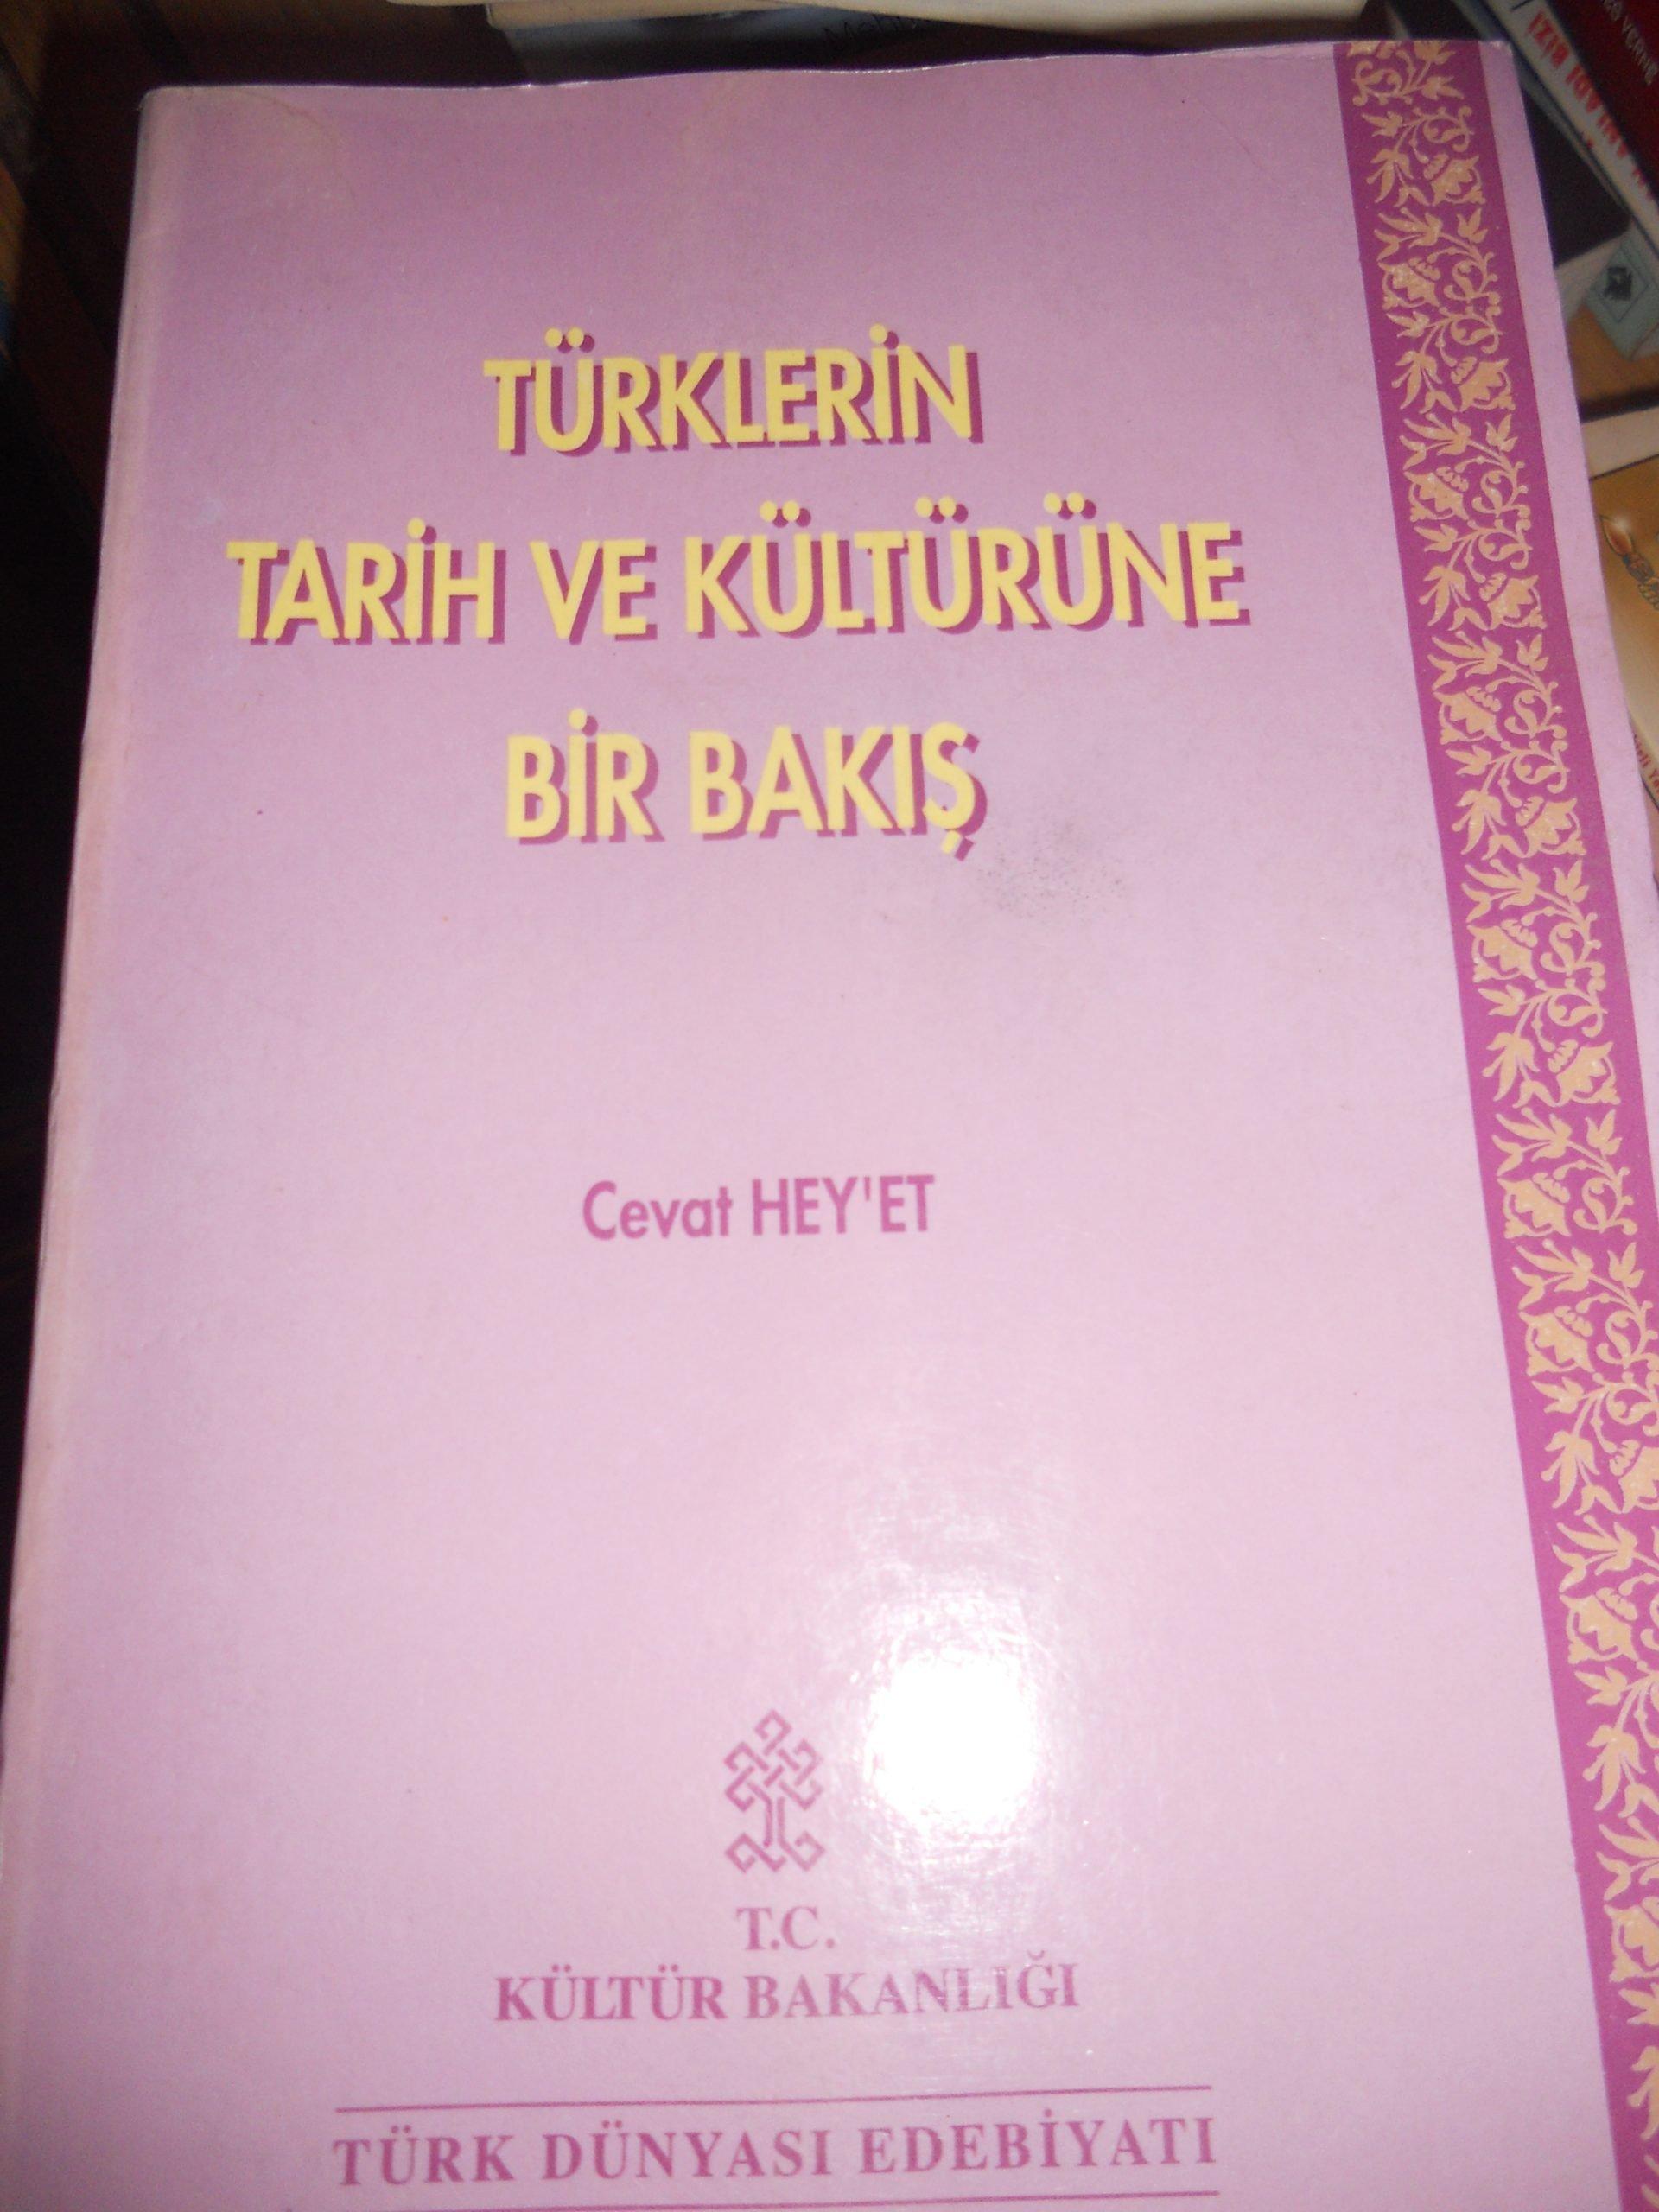 TÜRKLERİN TARİH VE KÜLTÜRÜNE BİR BAKIŞ/Cevat HEYET/15 tl